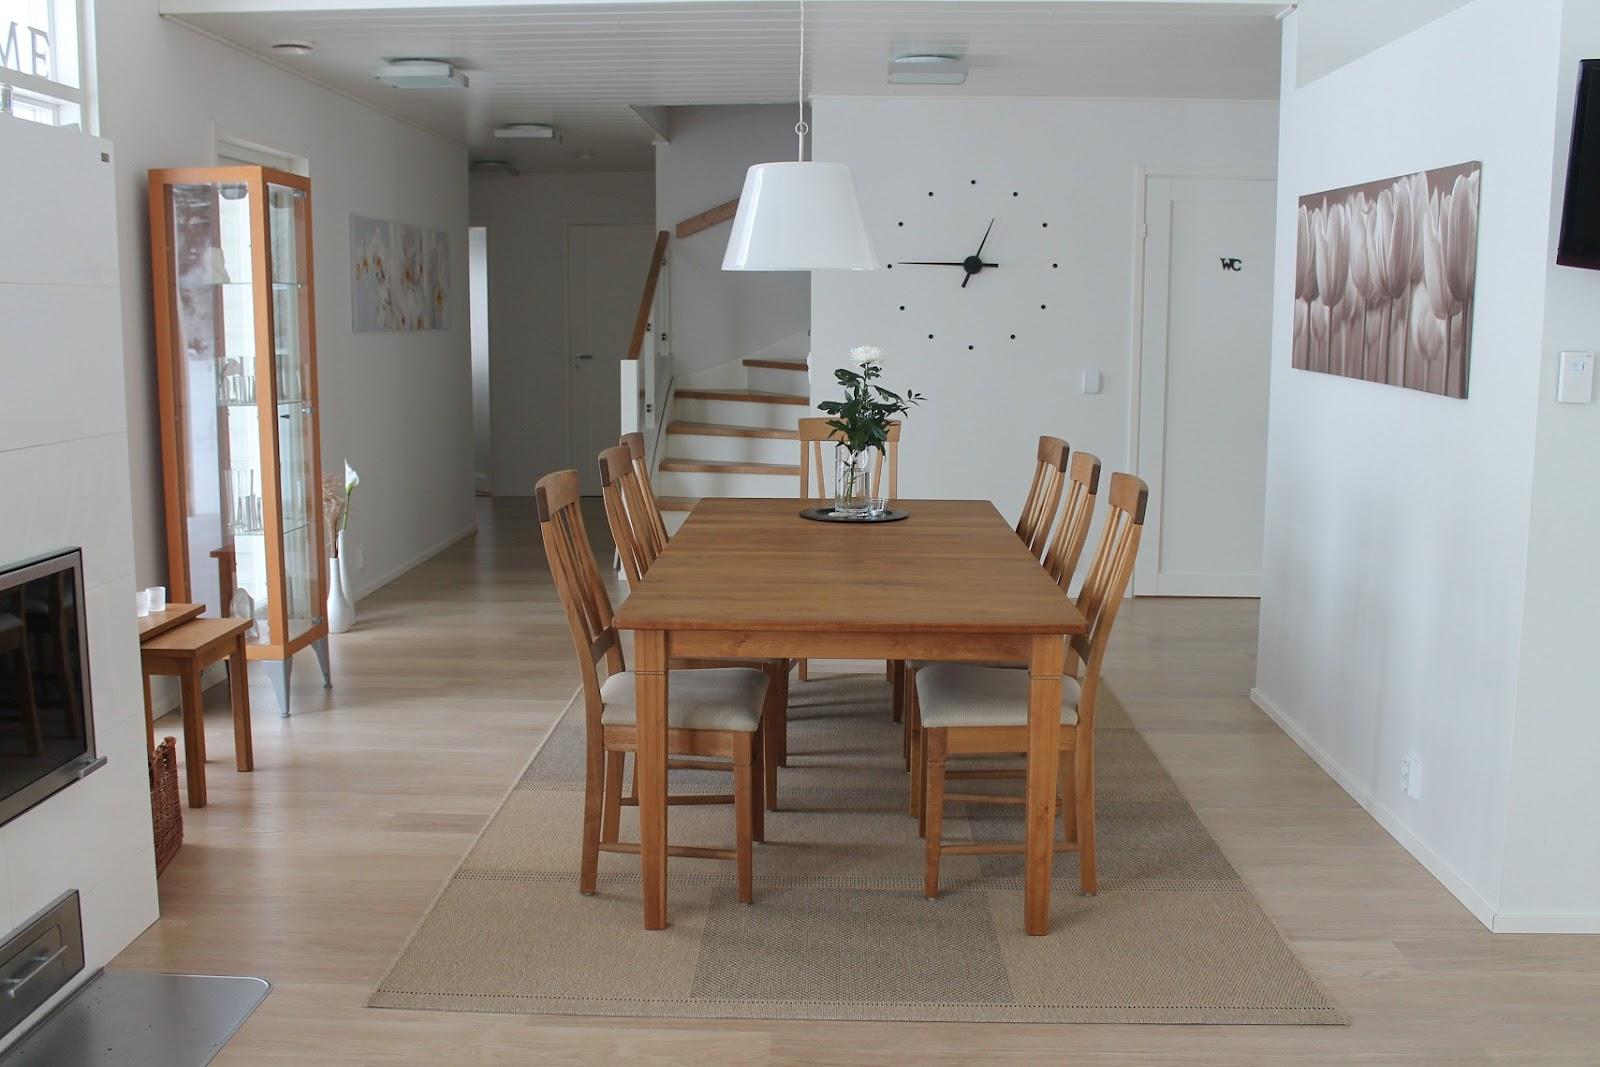 Livingmoderna: matsalen